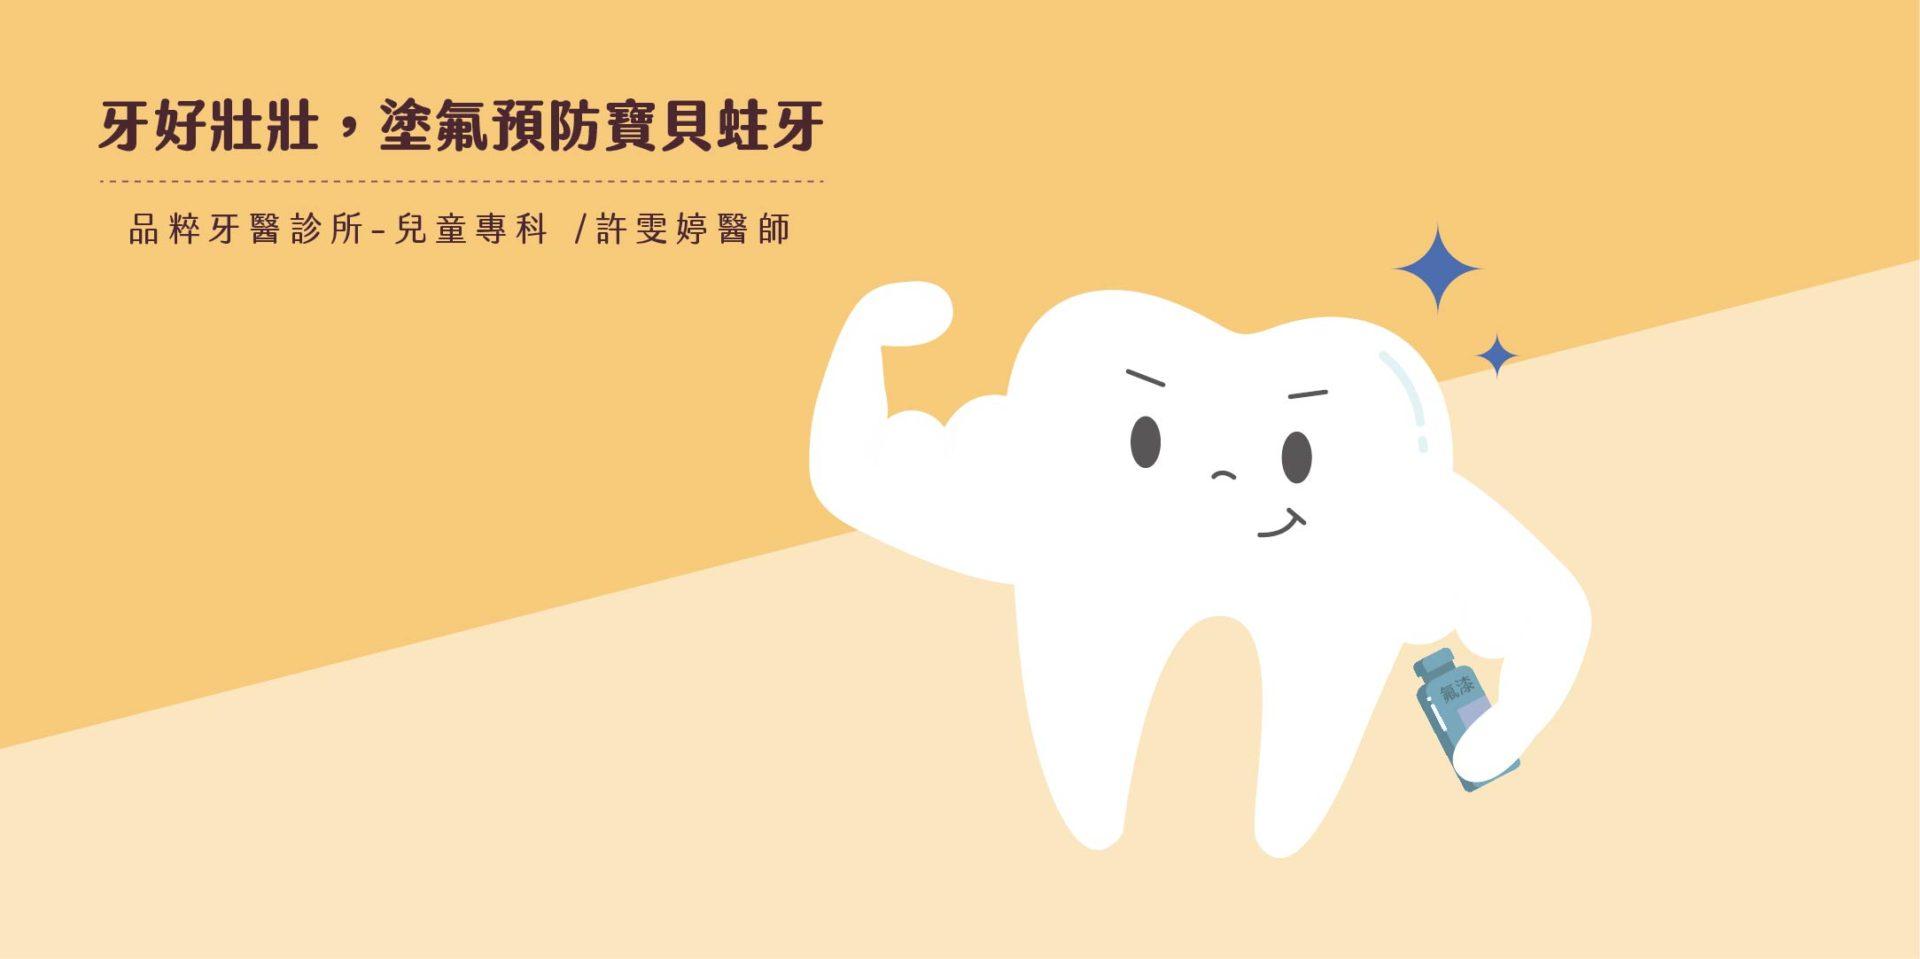 牙好壯壯,塗氟預防寶寶蛀牙